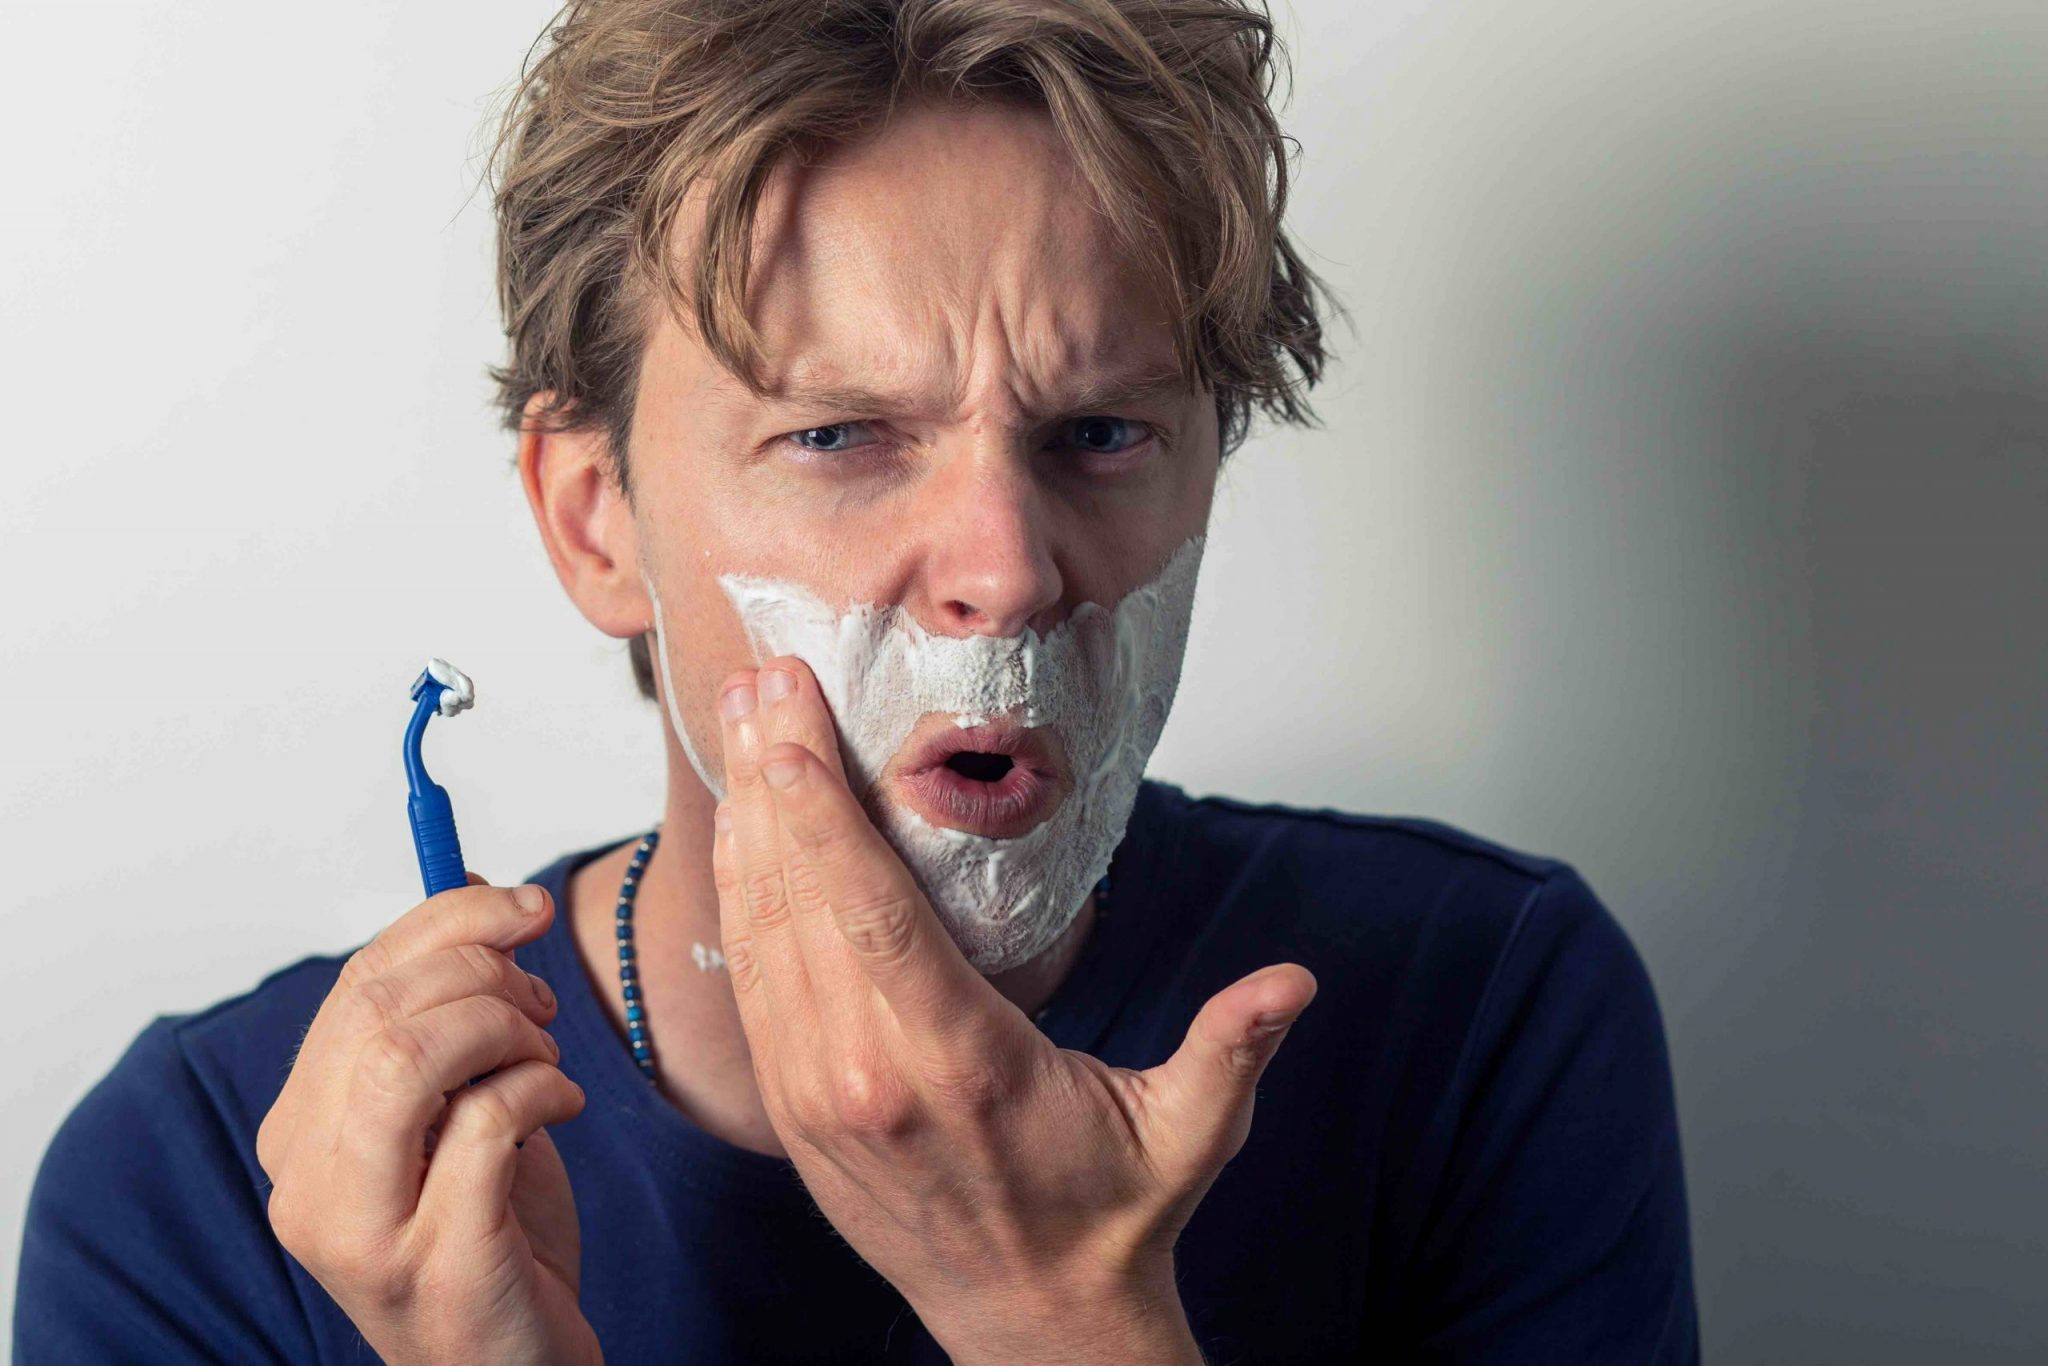 reuse a disposable razor